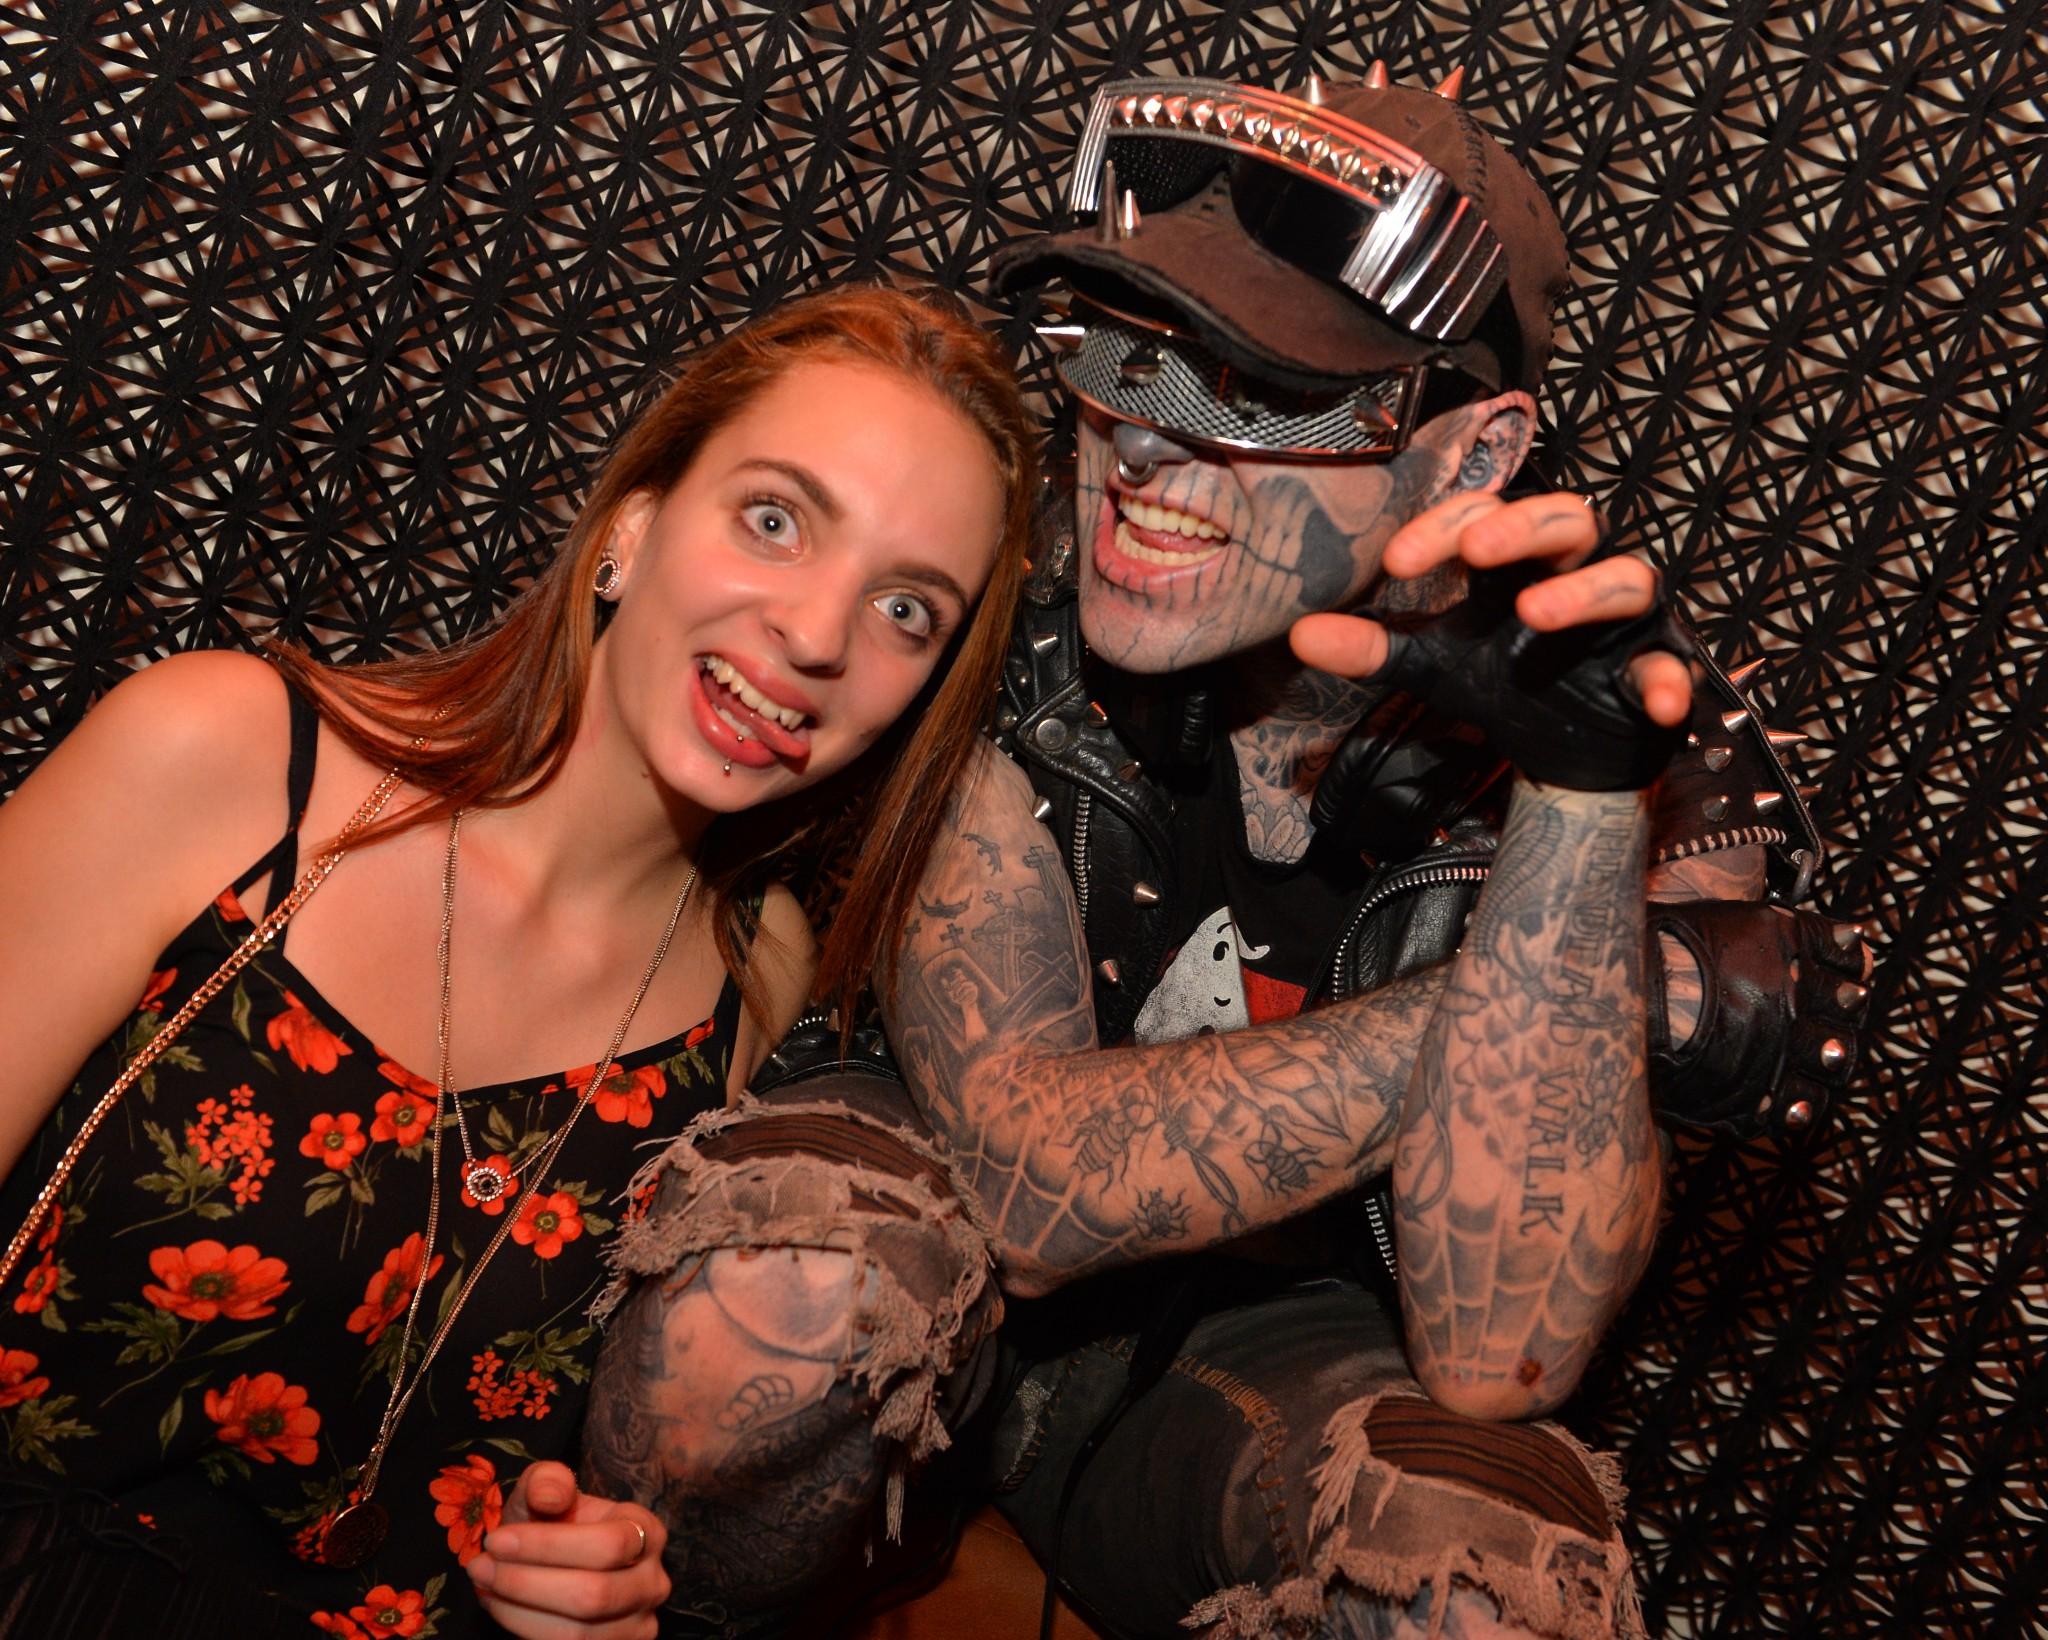 Verrückte Fotos waren natürlich auch erlaubt!- Zombie Boy meets Klagenfurt